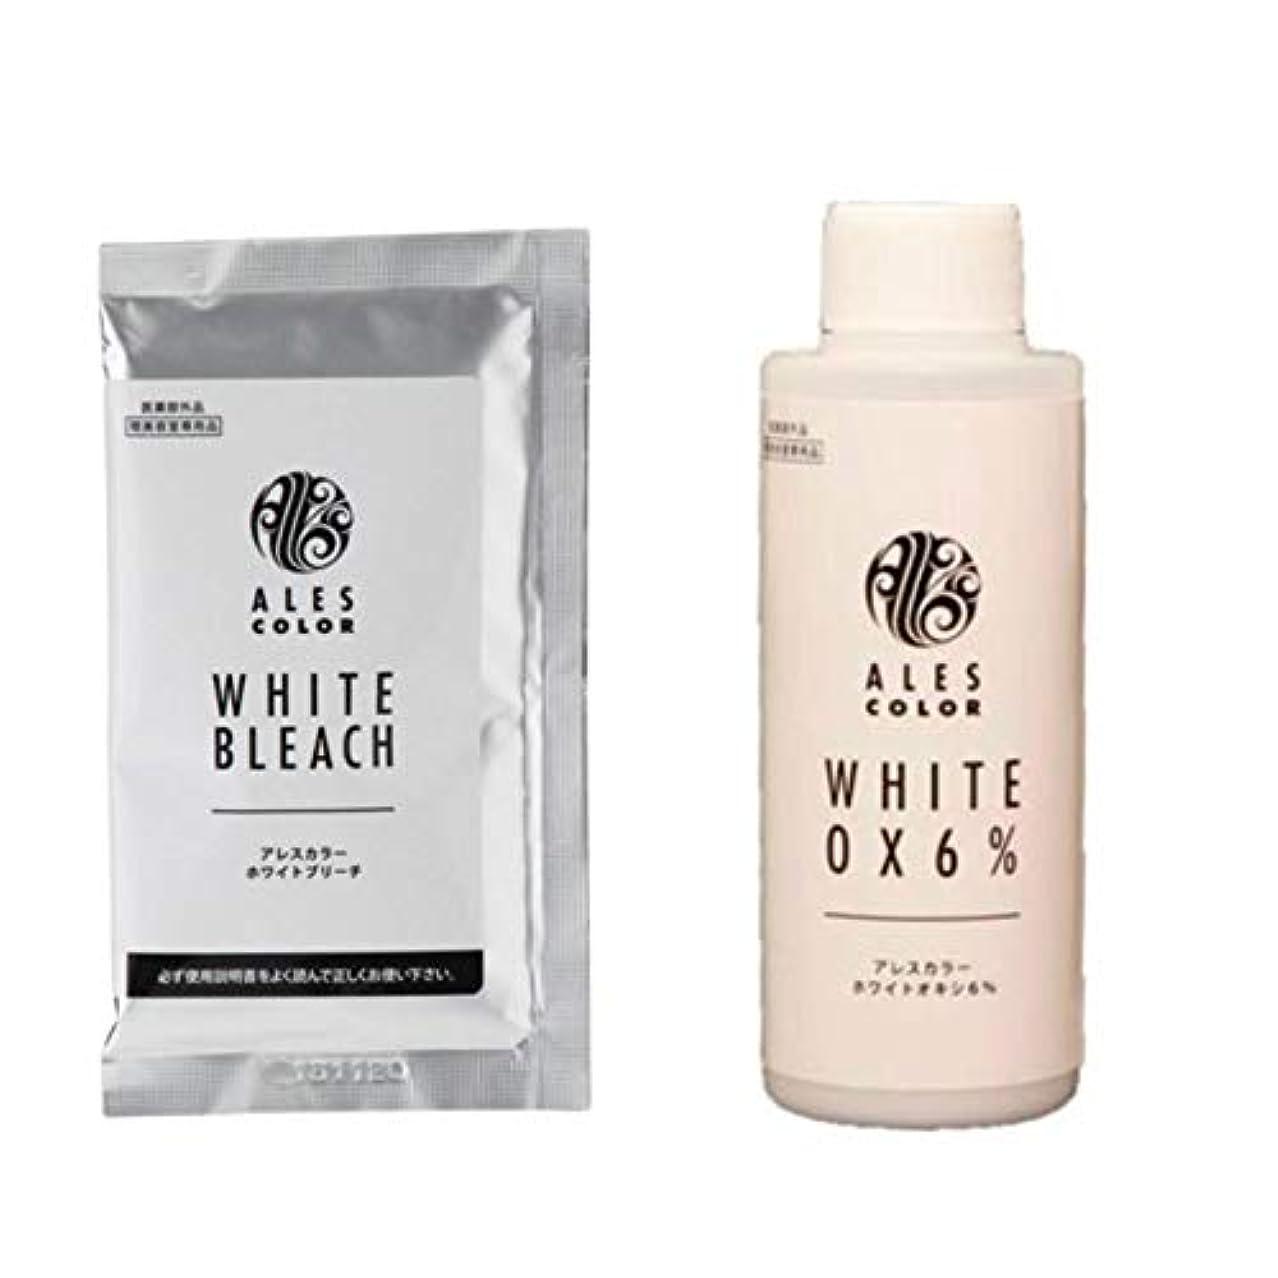 知るアンドリューハリディ反対するアレスカラー ホワイトブリーチ セット(1剤) 30g ホワイトオキシ6% 120ml